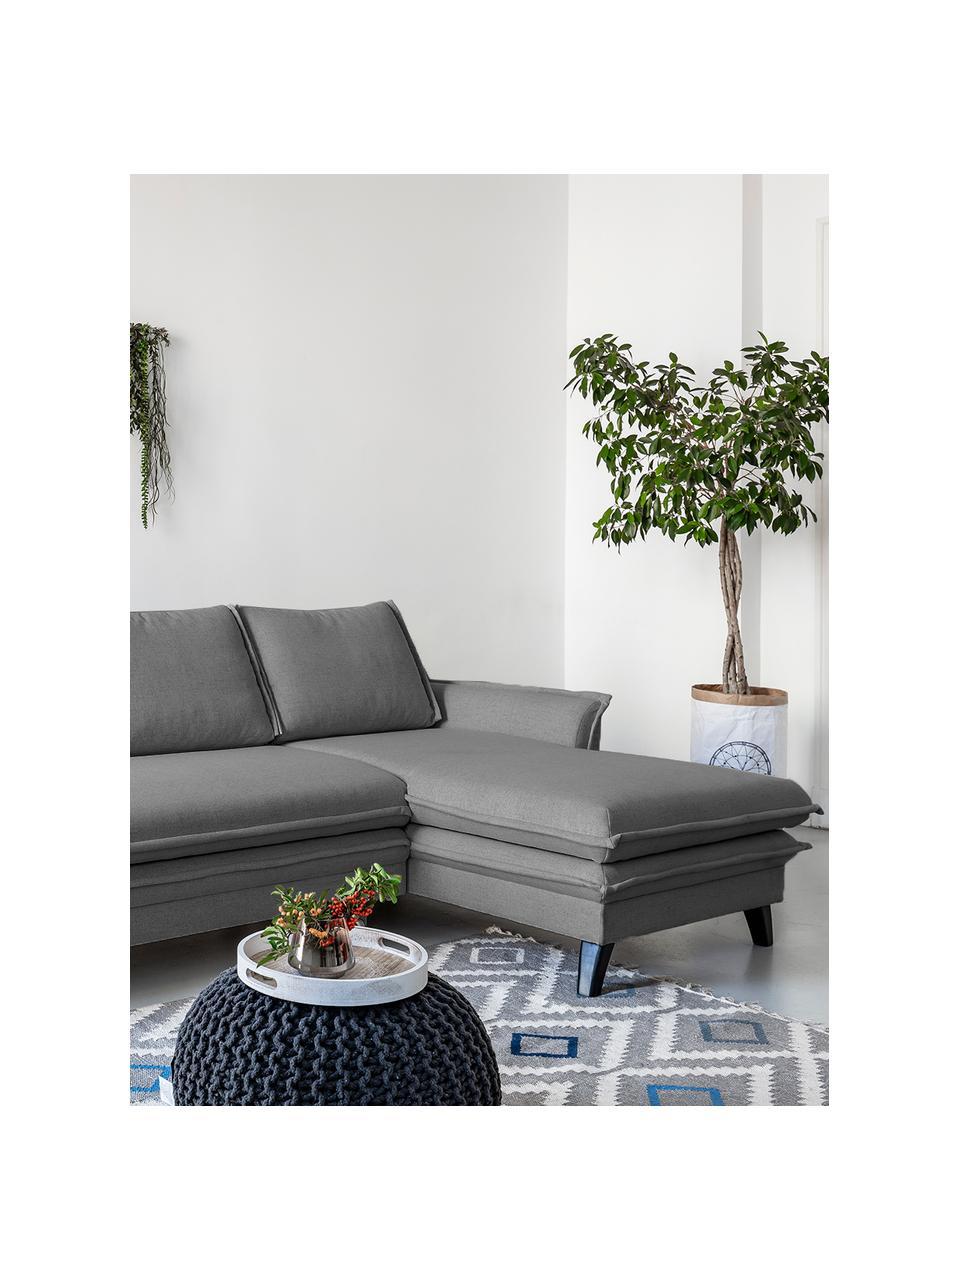 Sofa narożna z funkcją spania i schowkiem Charming Charlie, Tapicerka: 100% poliester, w dotyku , Stelaż: drewno naturalne, płyta w, Szary, S 228 x G 150 cm